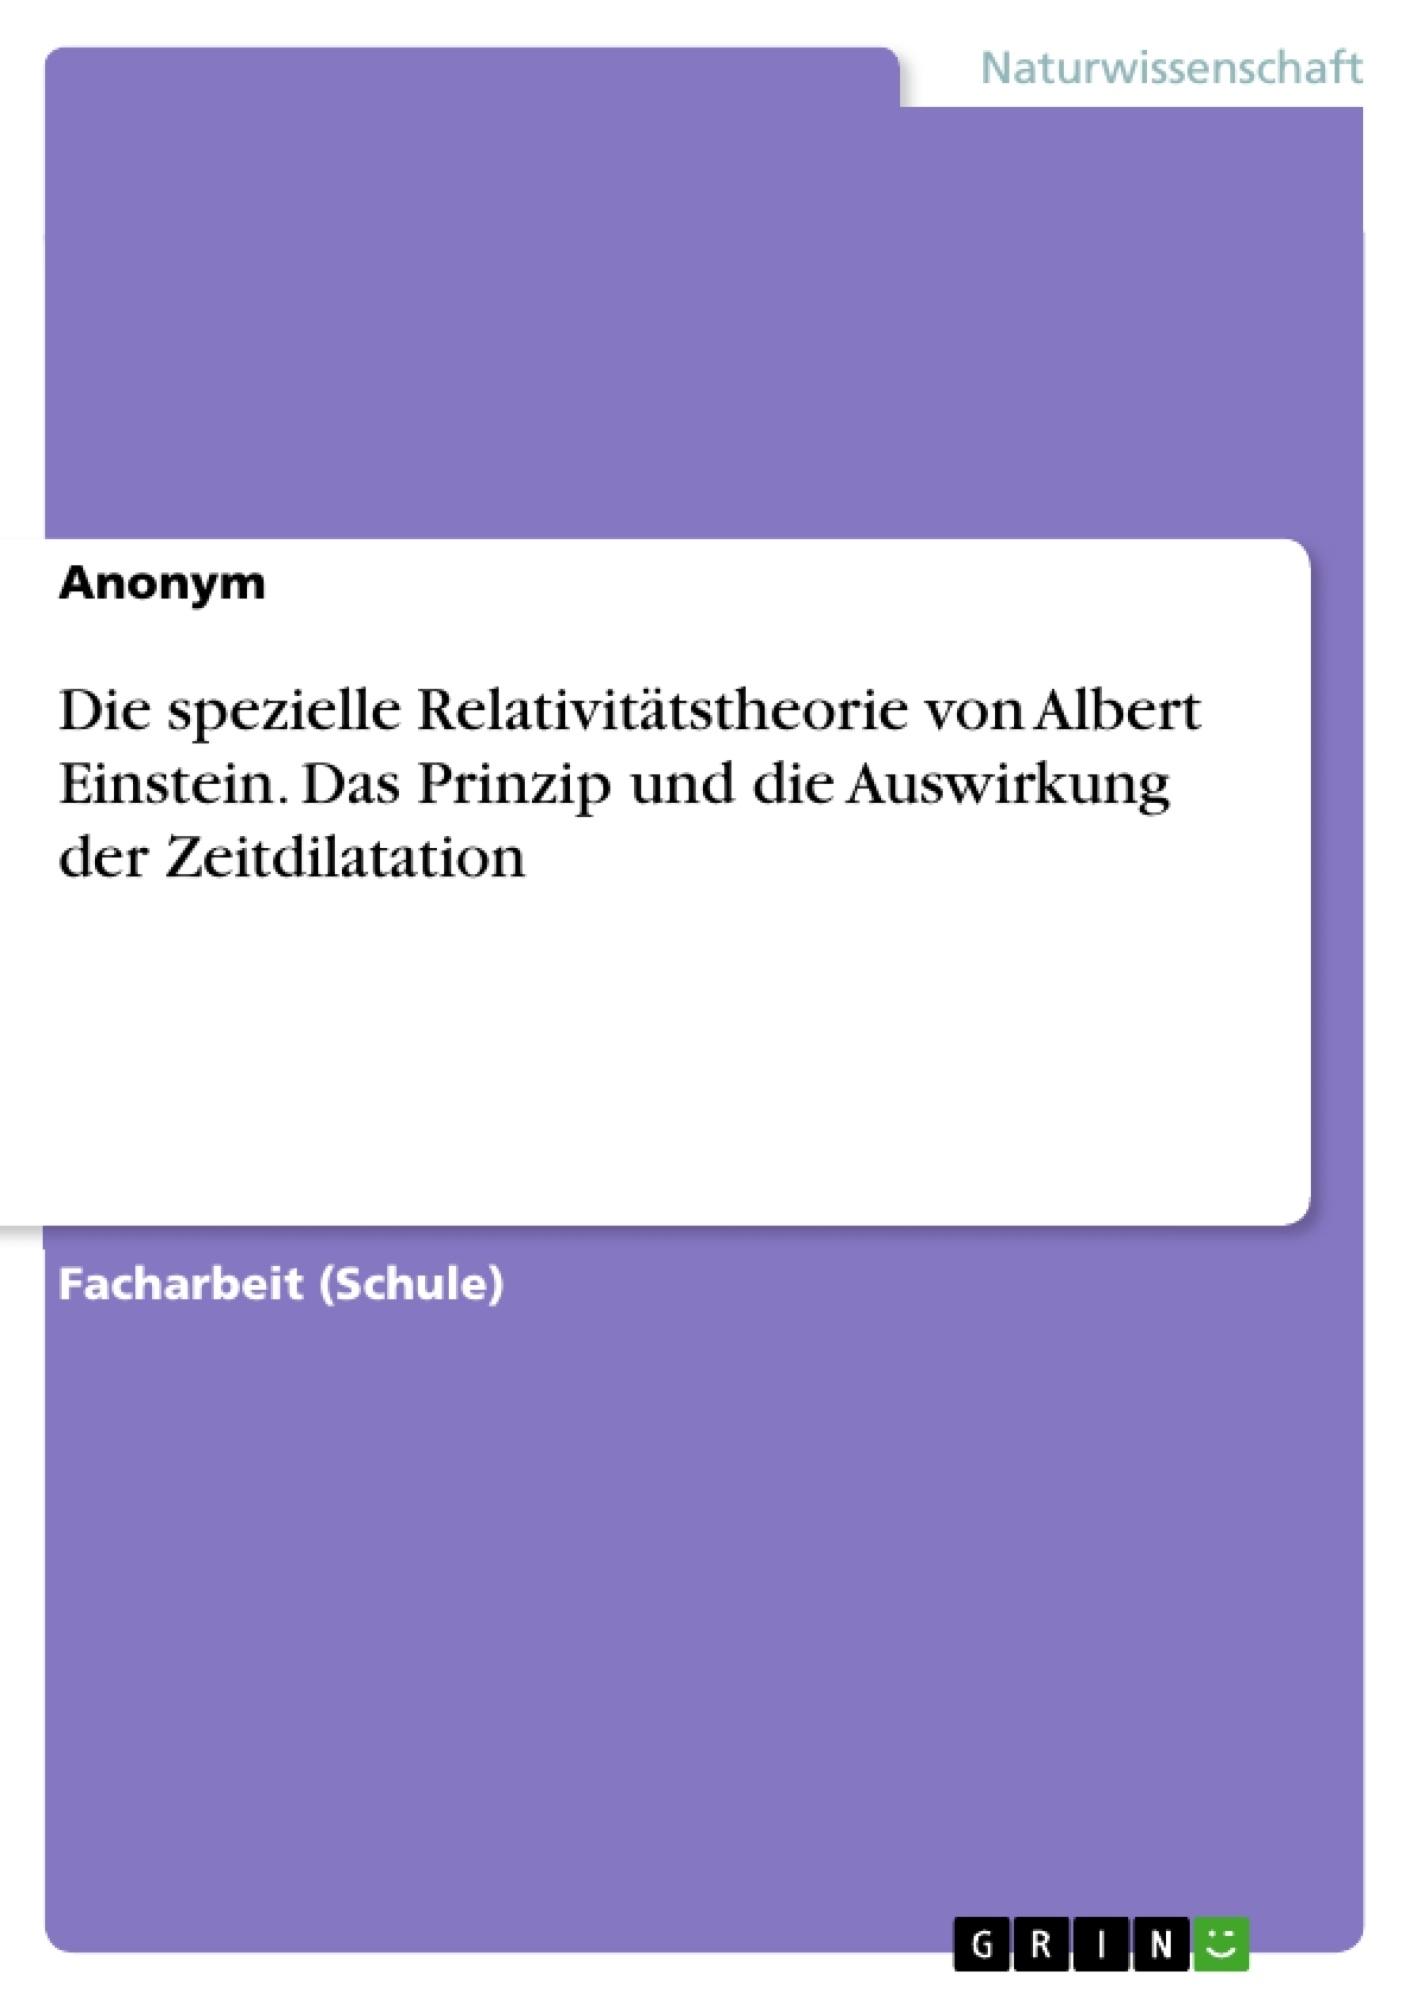 Titel: Die spezielle Relativitätstheorie von Albert Einstein. Das Prinzip und die Auswirkung der Zeitdilatation